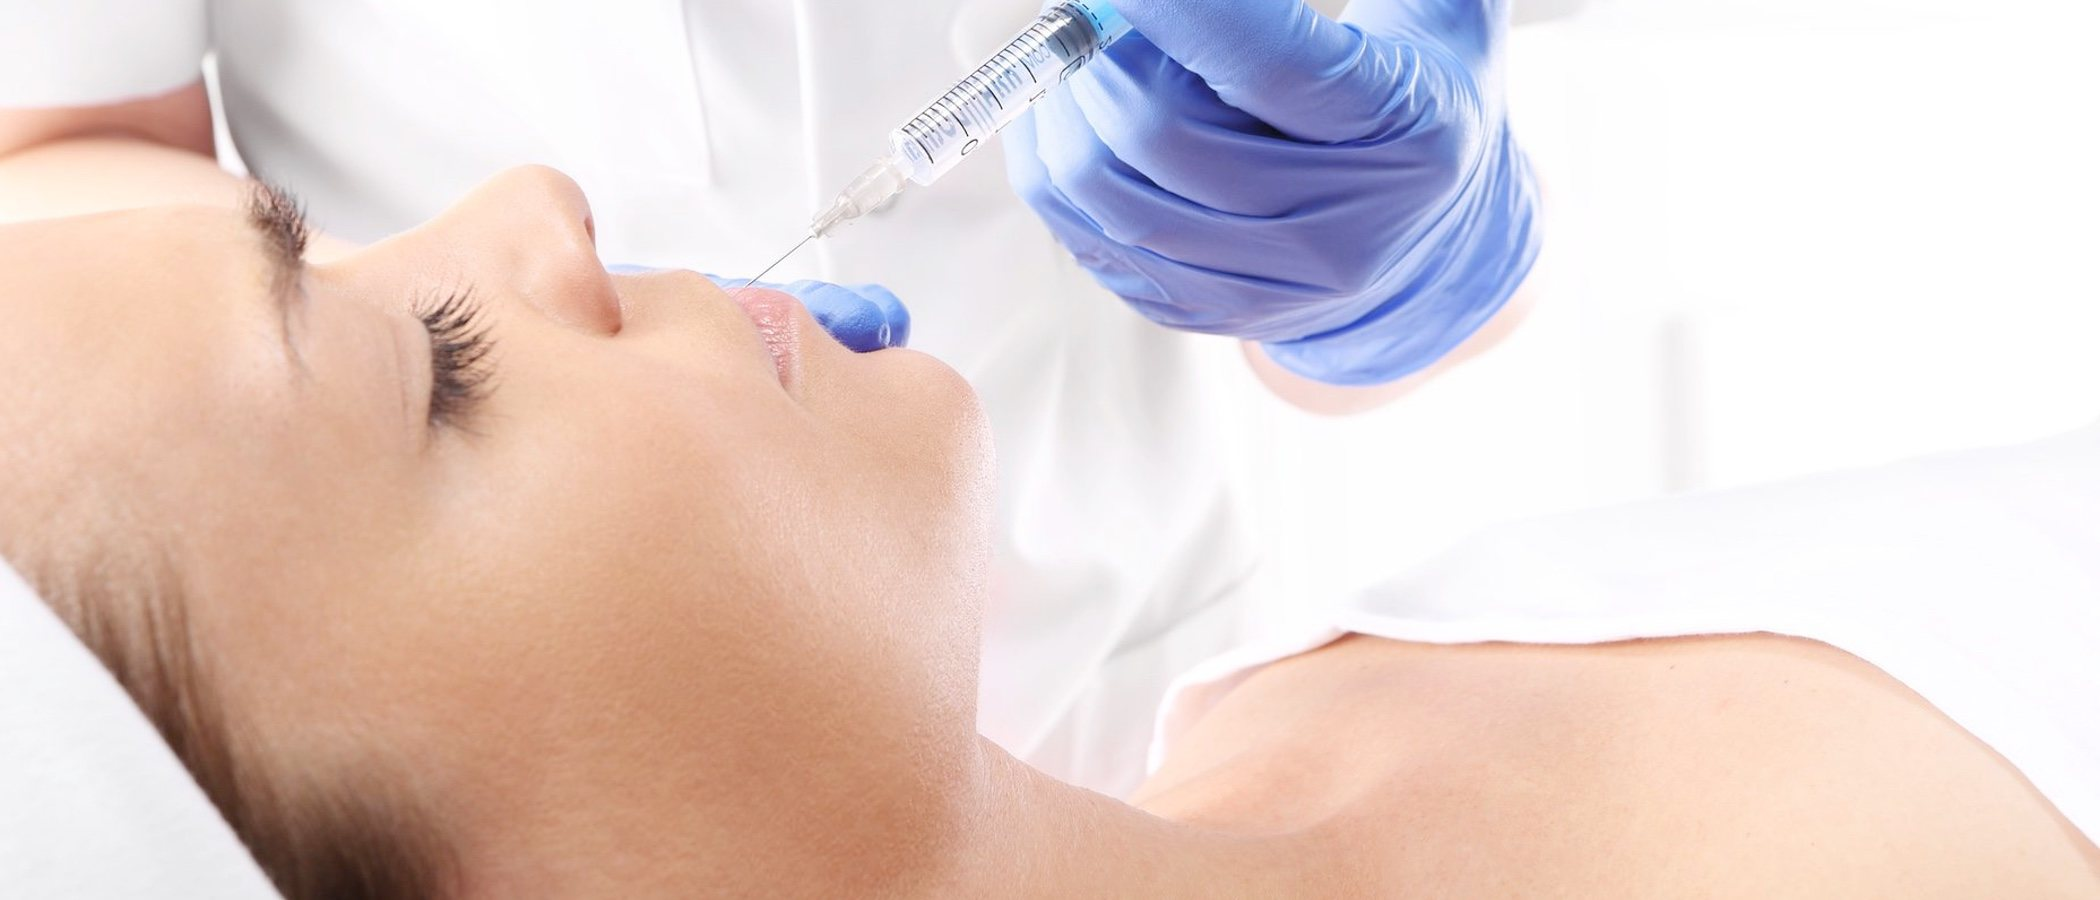 ¿Ácido hialurónico o botox contra las arrugas?